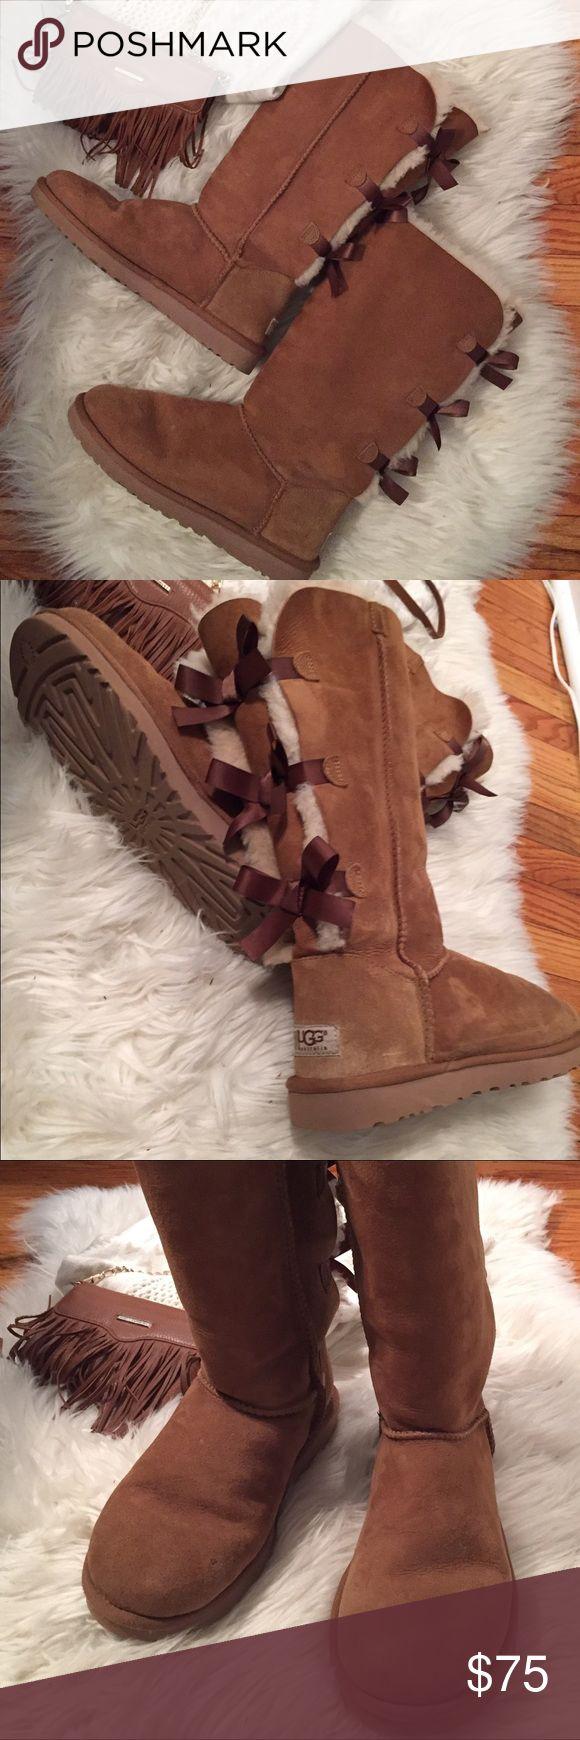 UGG BAILEY BOW TALL BOOT for Woman 2017 Season 8 UGG BAILEY BOW TALL BOOT FOR WOMAN SEASON 2017 Size 8 in Chestnut UGG Shoes Winter & Rain Boots